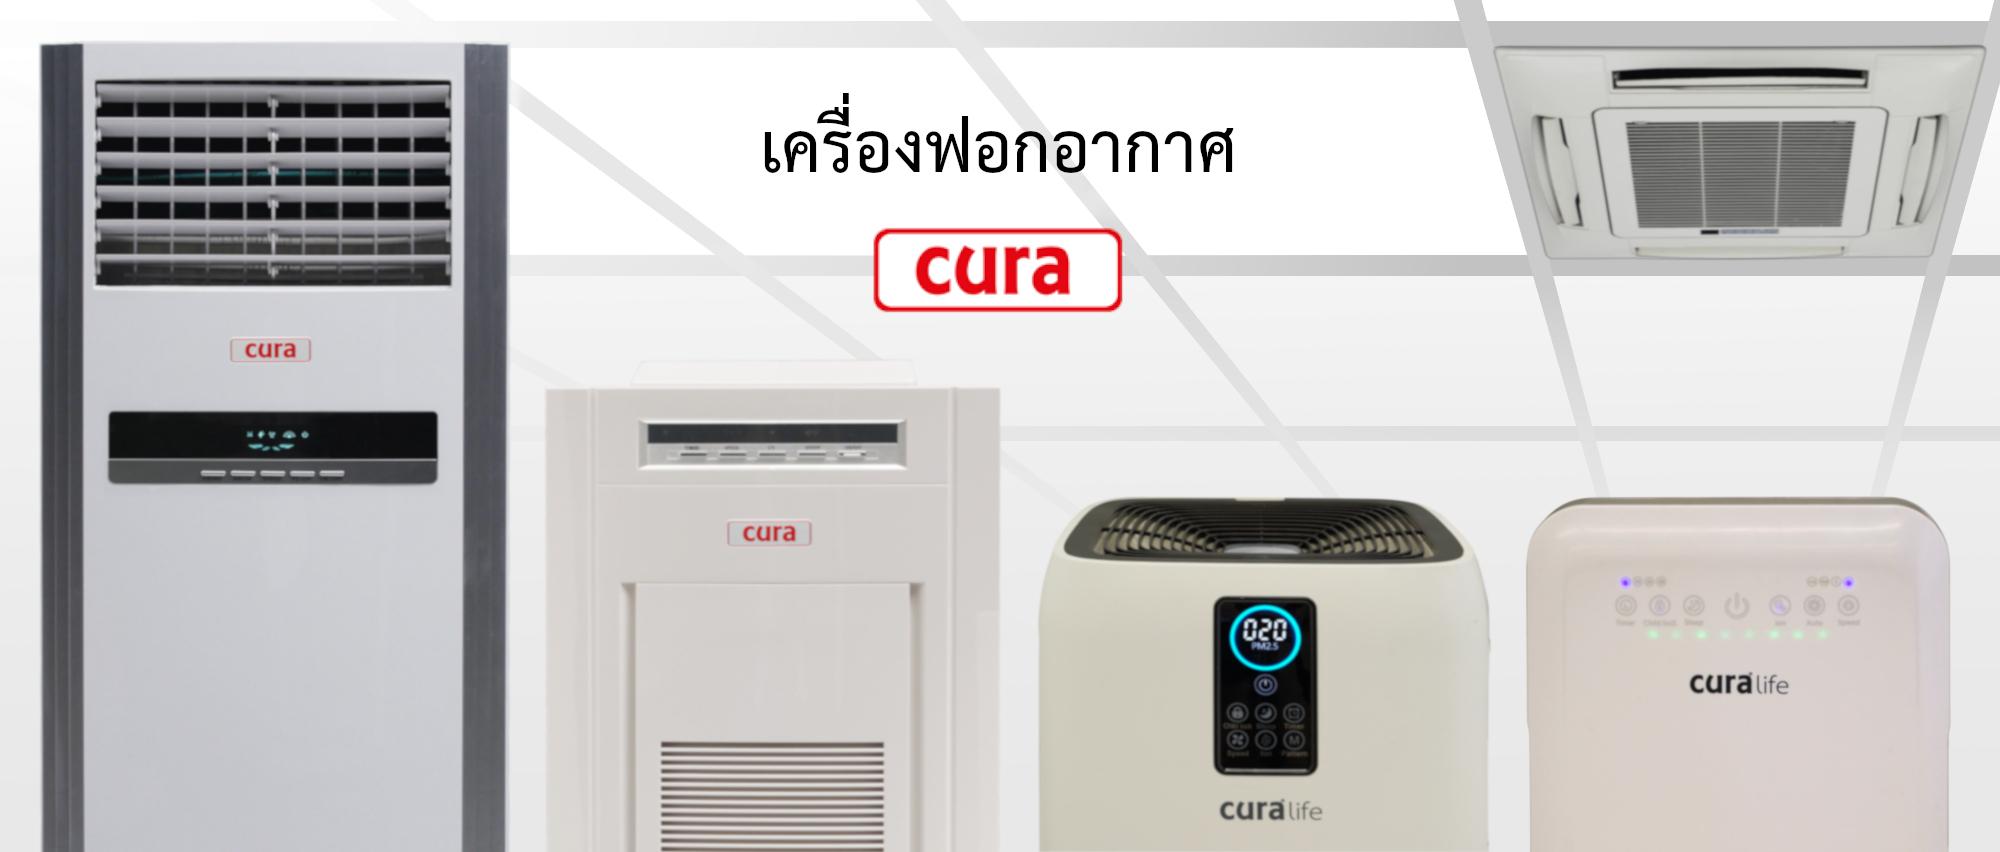 เครื่องฟอกอากาศ CURA S อากาศที่ดีเพื่อคนที่คุณรักและห่วงใย มีไส้กรองละเอียด HEPA filter จึงสามารถดักจับฝุ่นละเอียดระดับ PM 2.5 ได้มากกว่า 99%